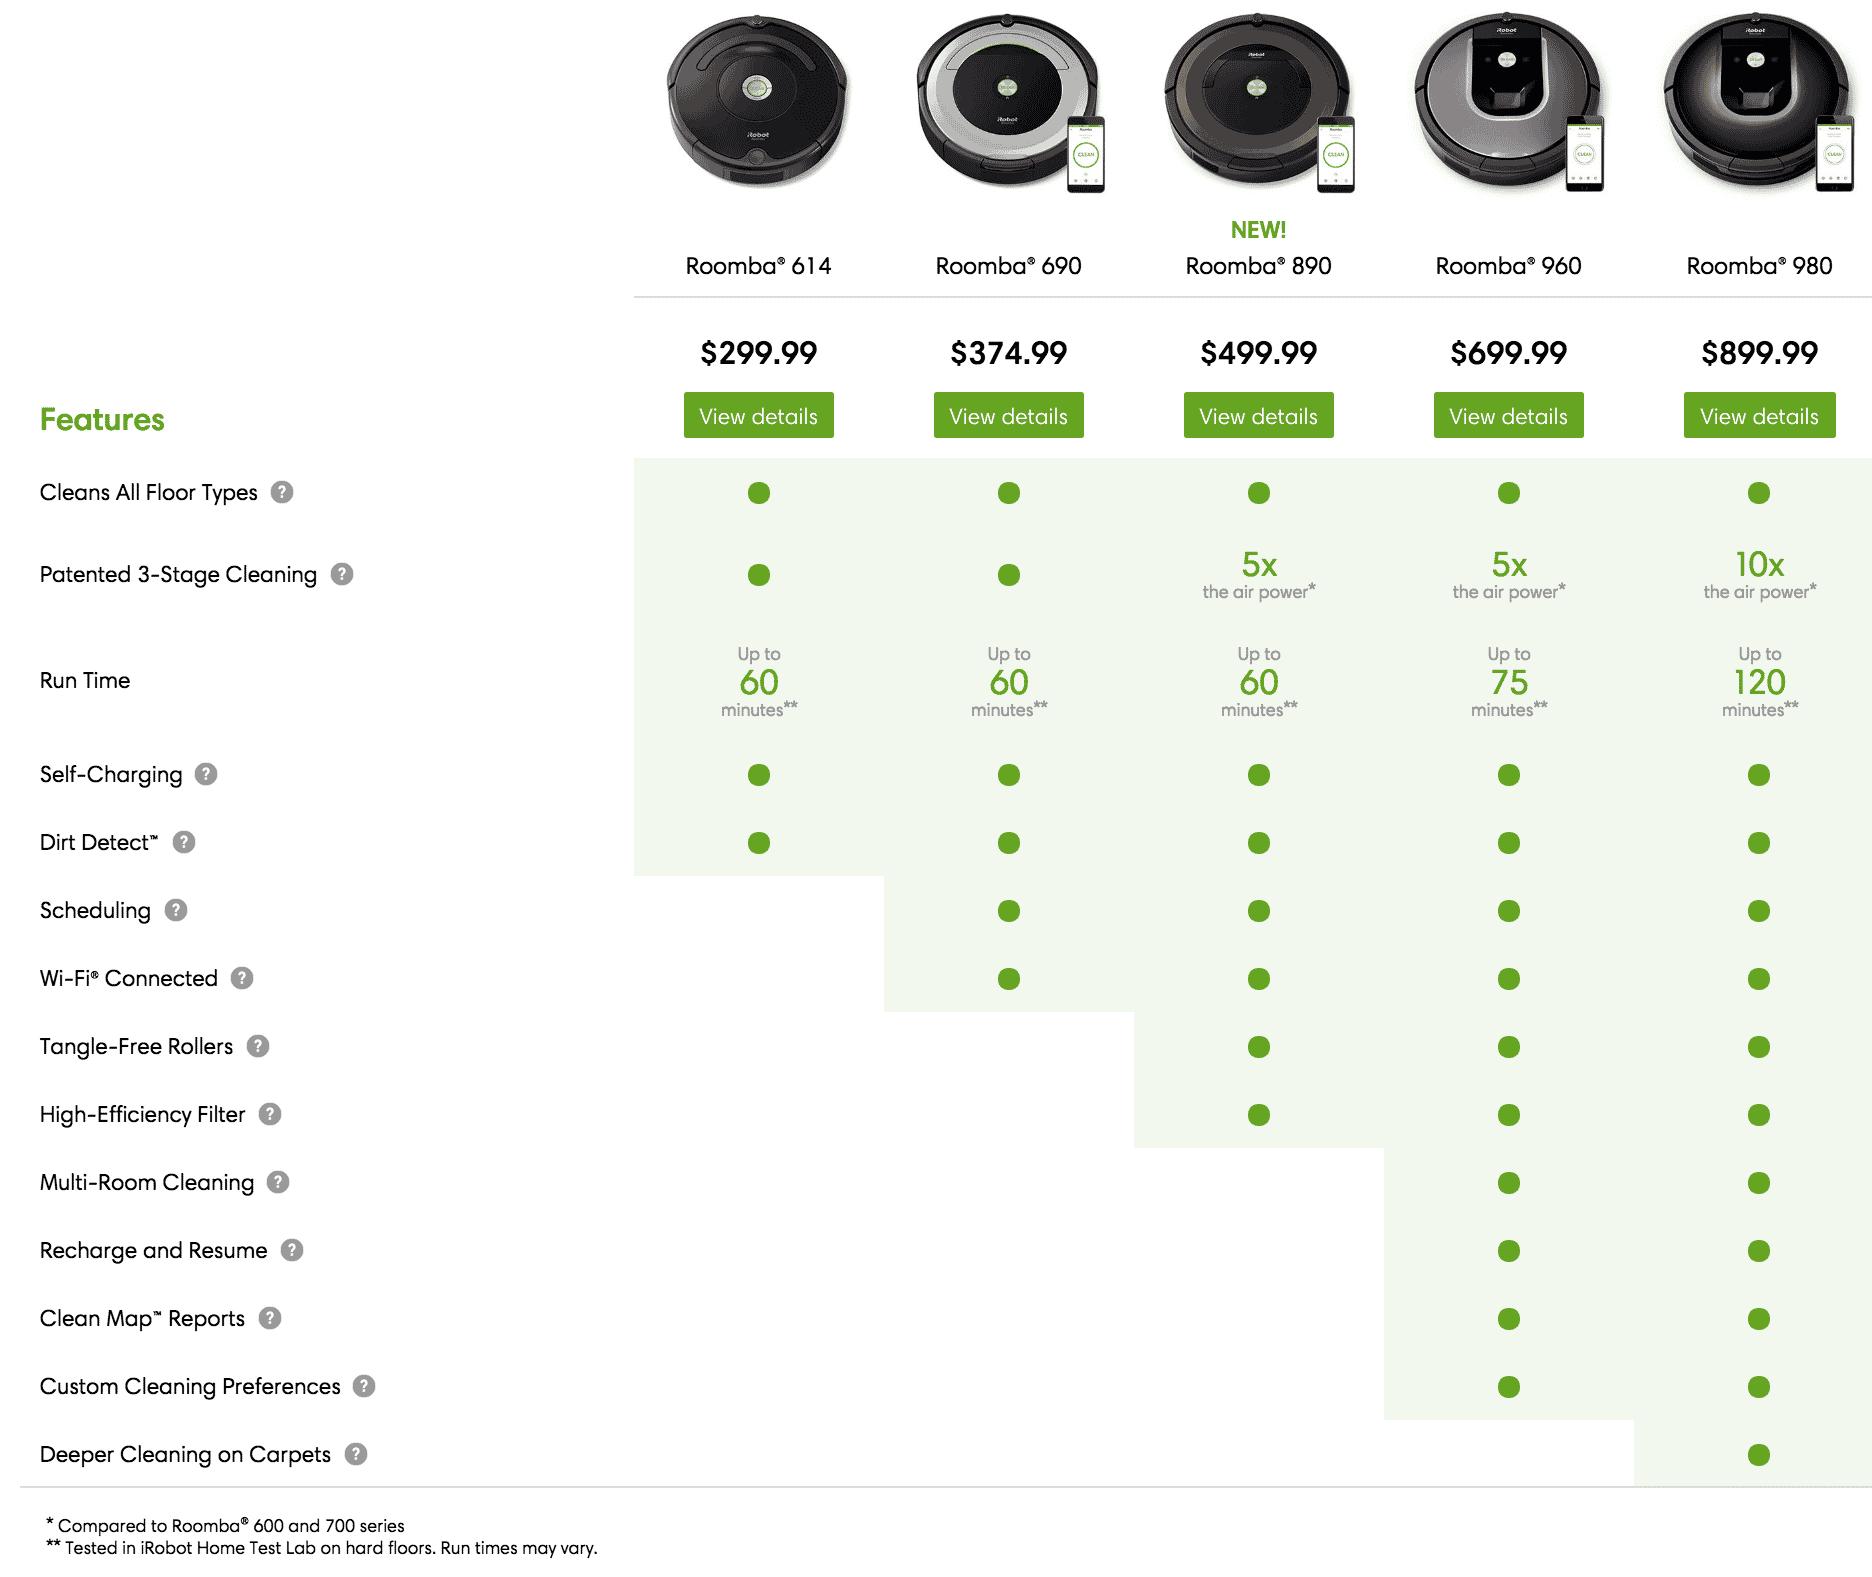 Roomba Comparison Table